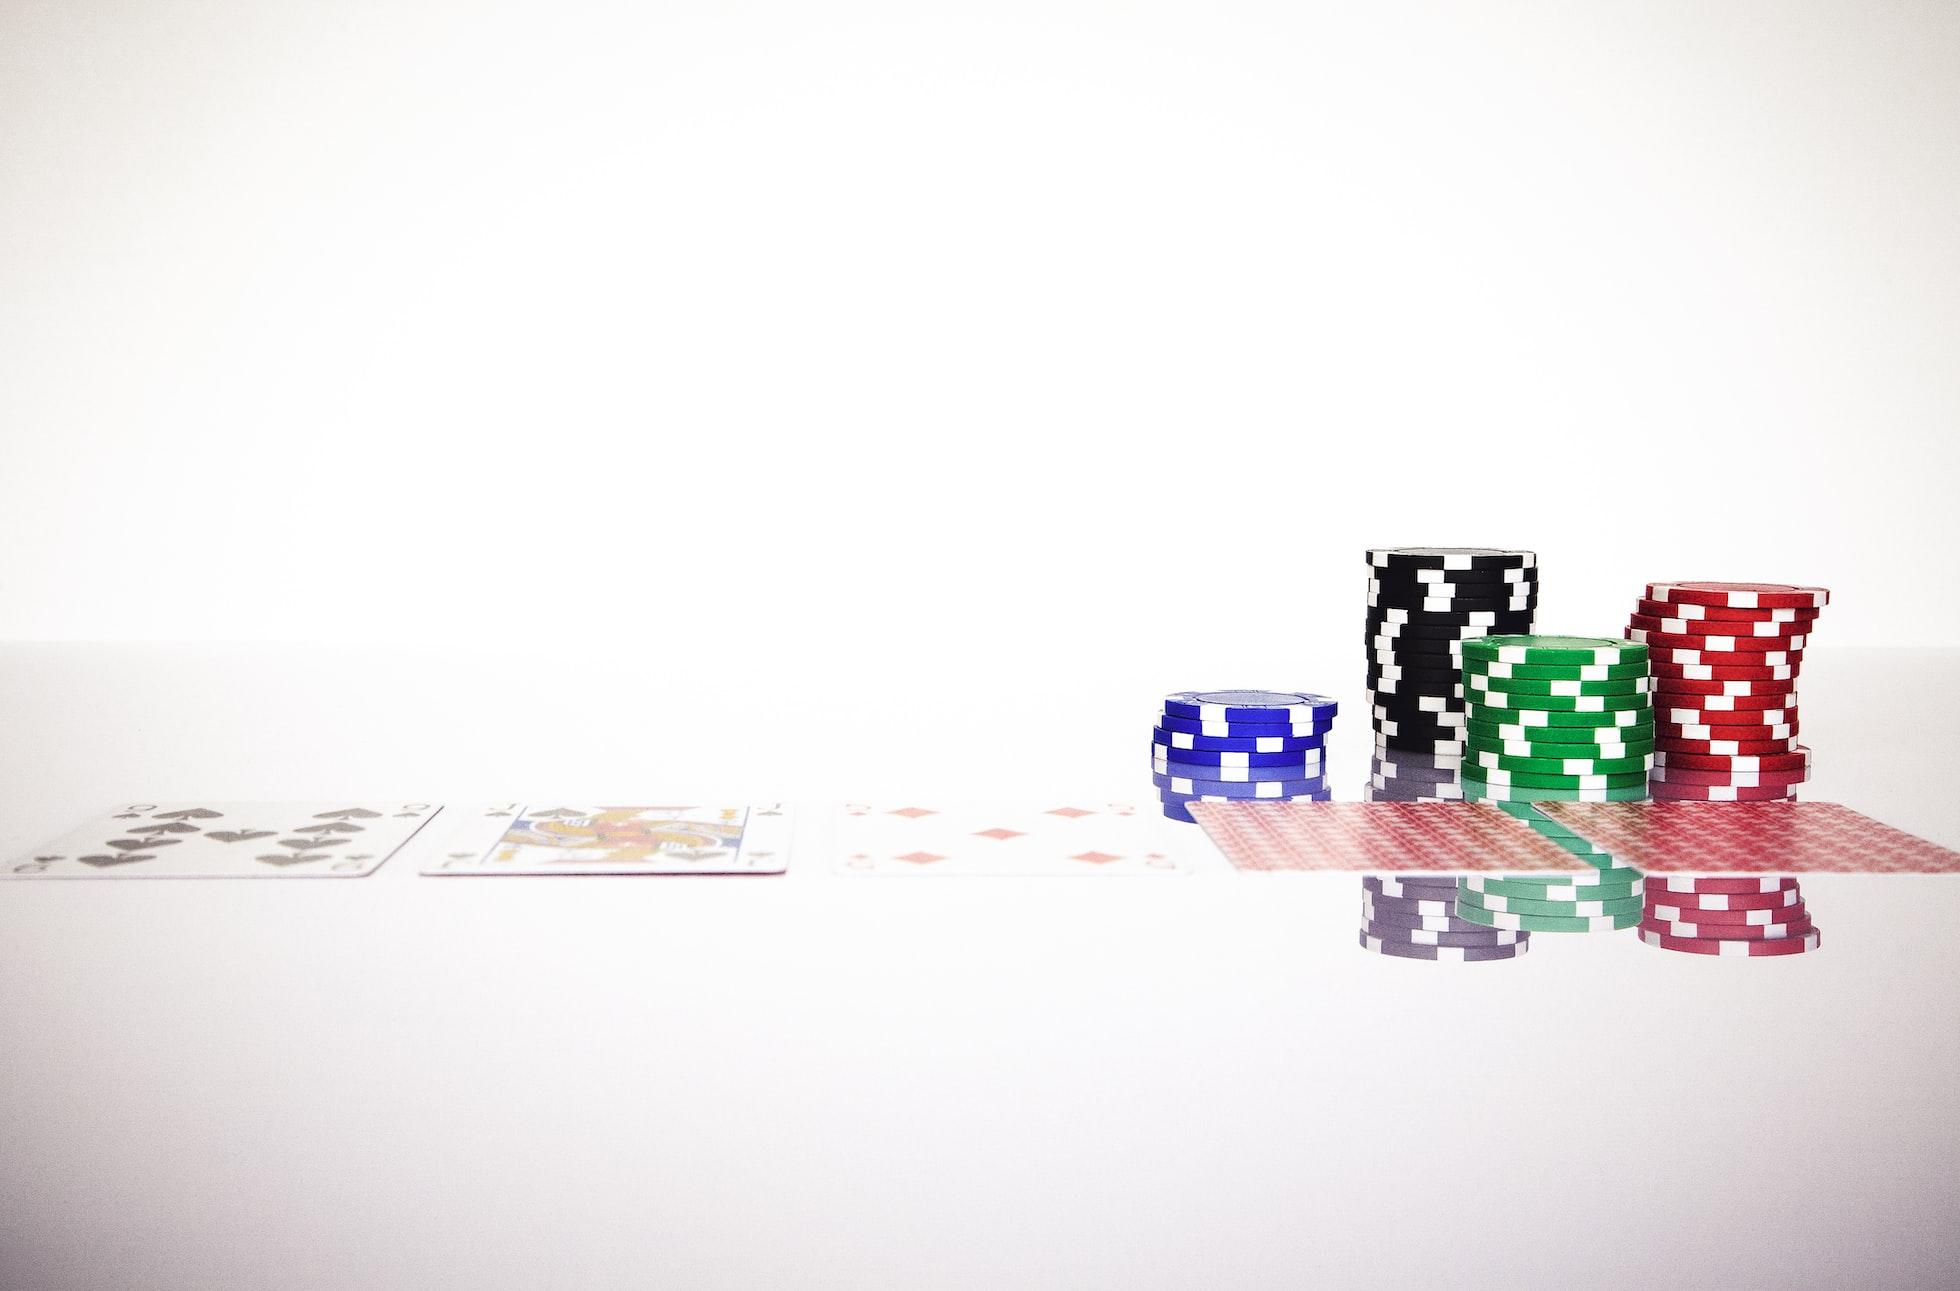 casinofiches en speelkaarten